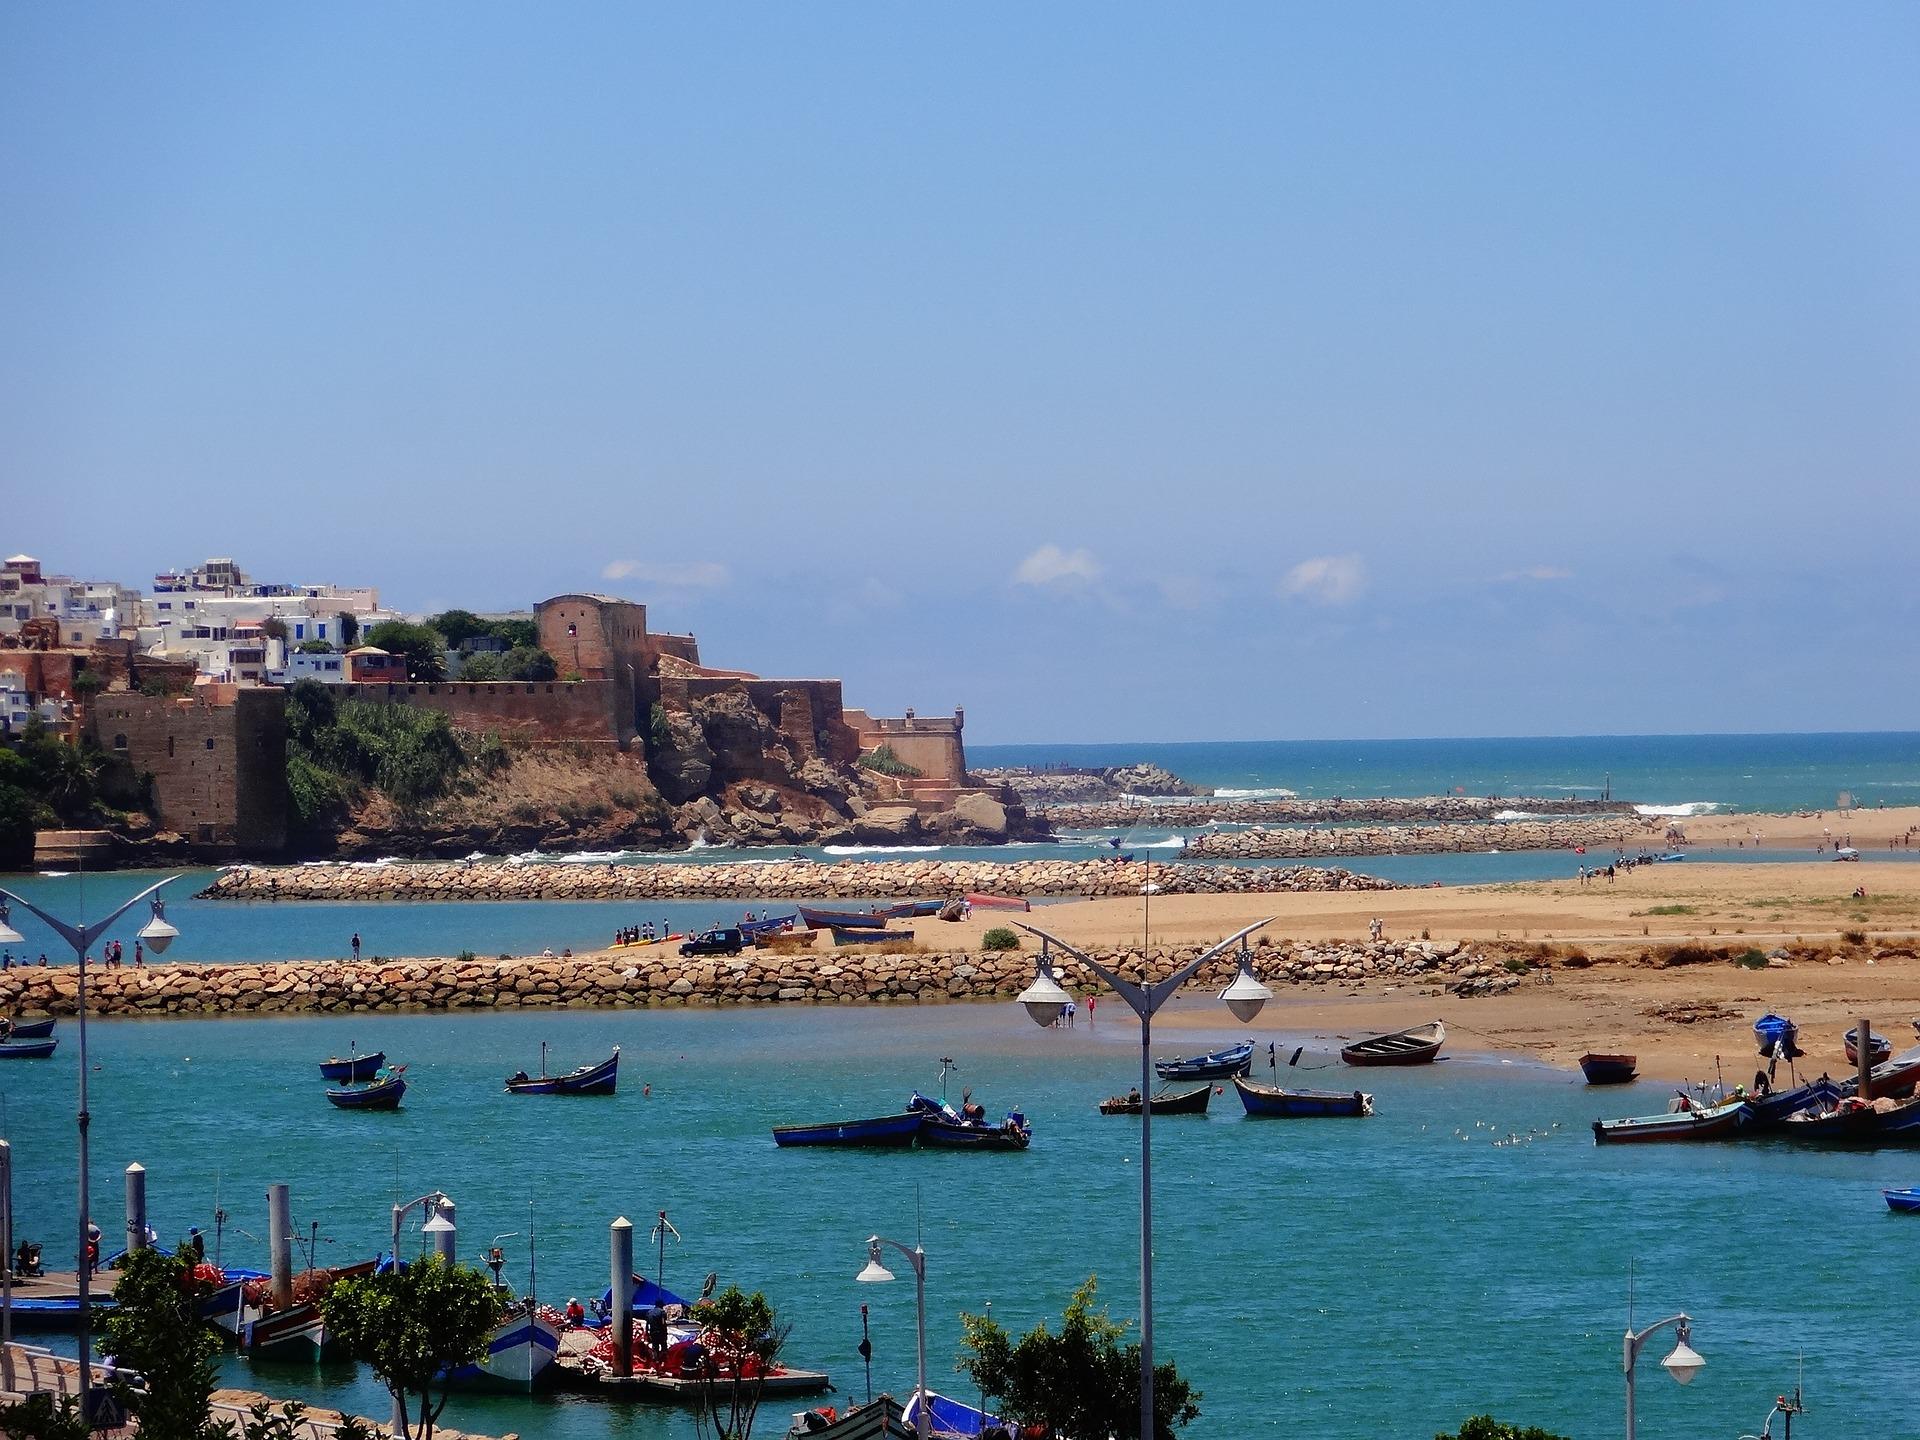 6. Quel sont les meilleurs emplacements pour réserver un hôtel à Rabat